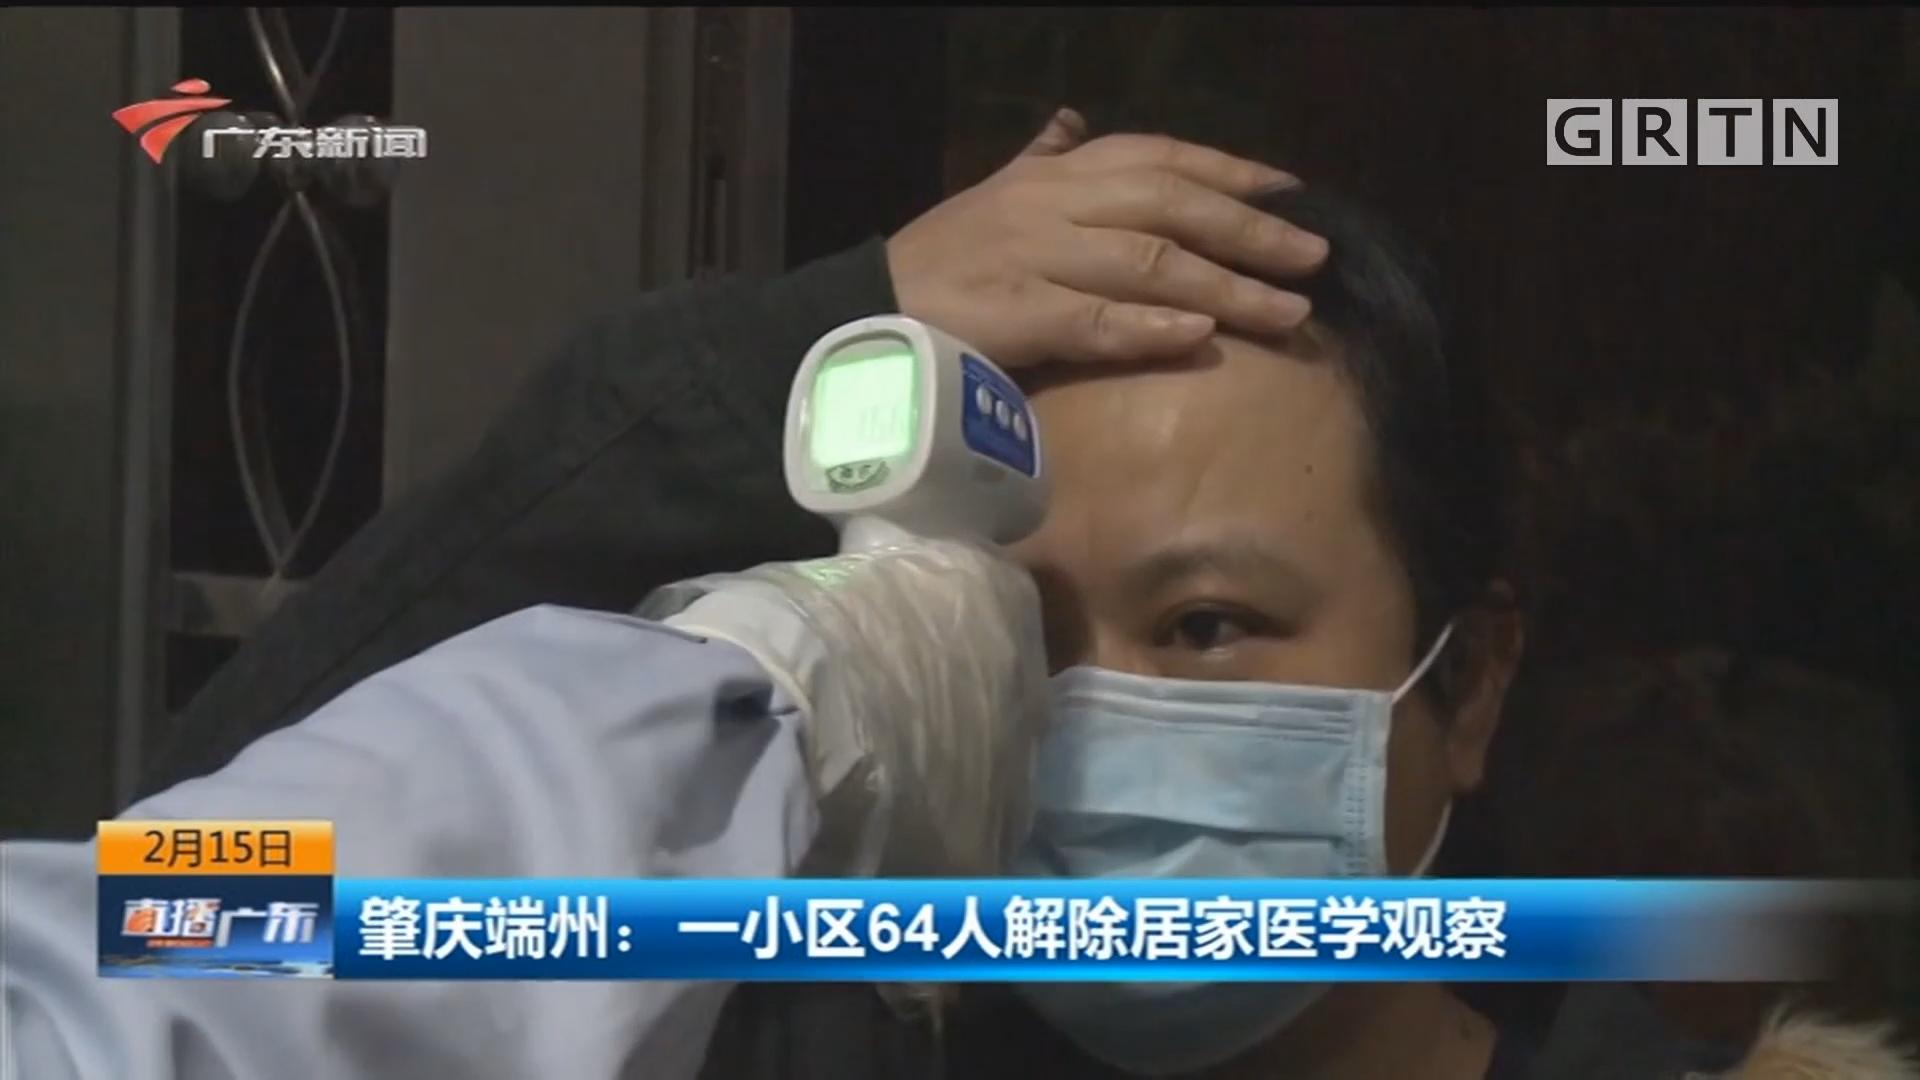 肇庆端州:一小区64人解除居家医学观察